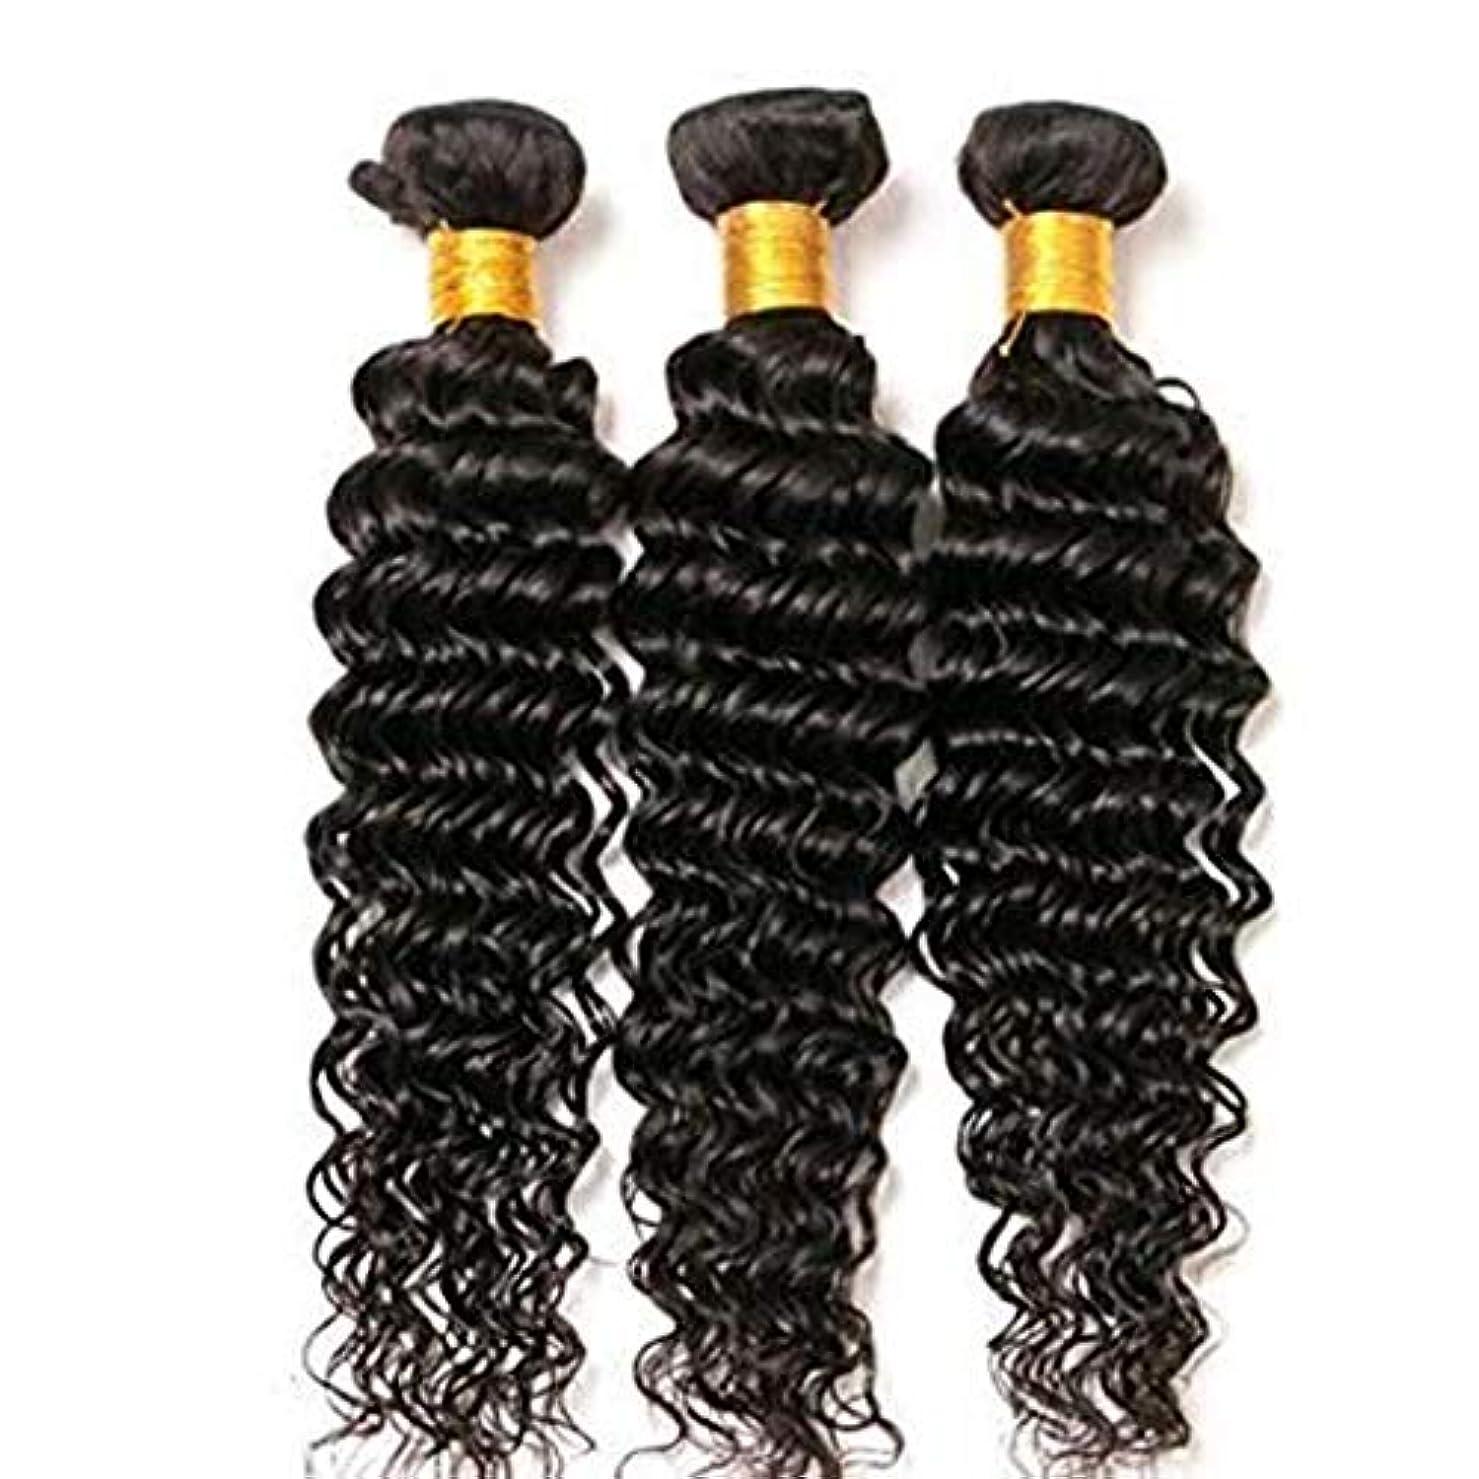 広い光沢のあるカップHOHYLLYA 女性のためのブラジルのディープウェーブヘアバンドル100%未処理の人間の毛髪延長ナチュラルルッキング(8